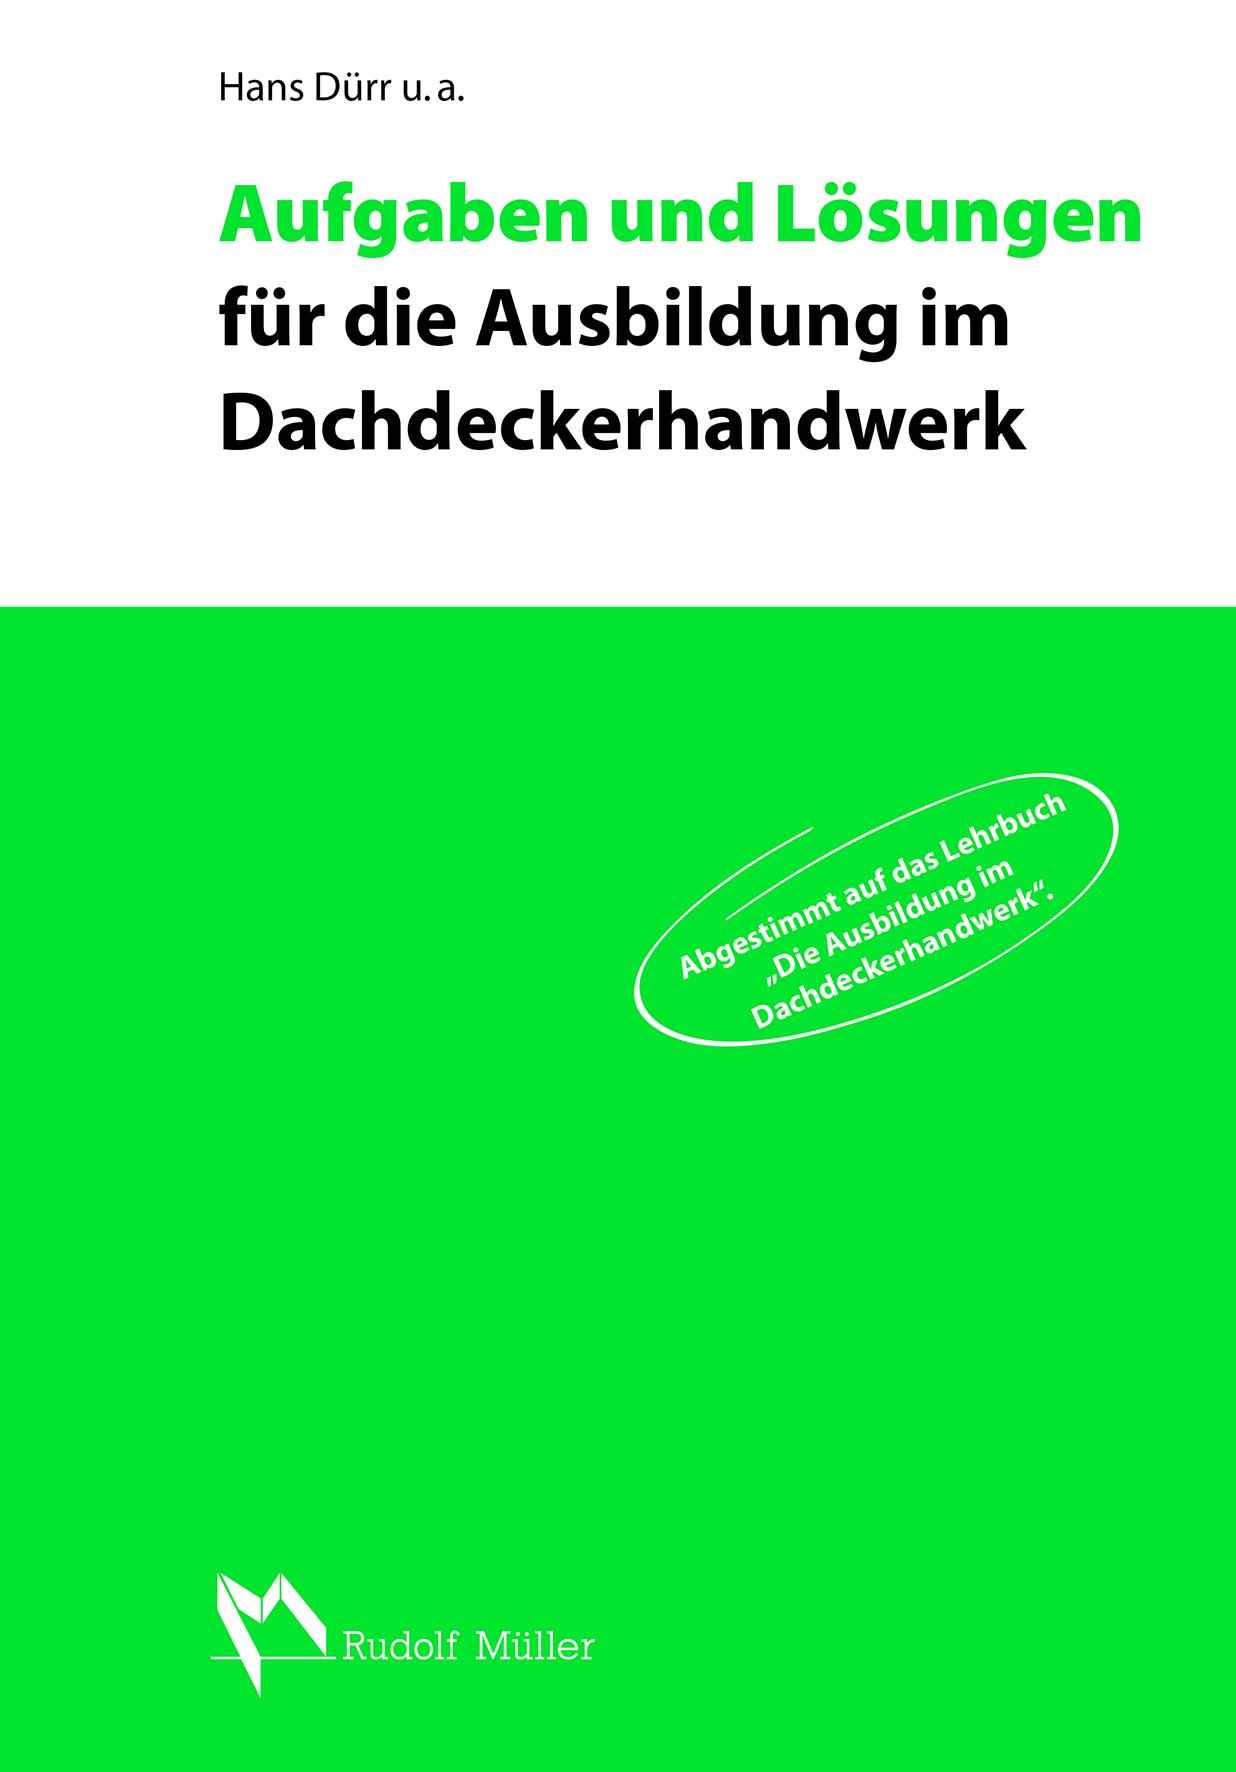 Aufgaben und Lösungen für die Ausbildung im Dachdeckerhandwerk Hans Dürr